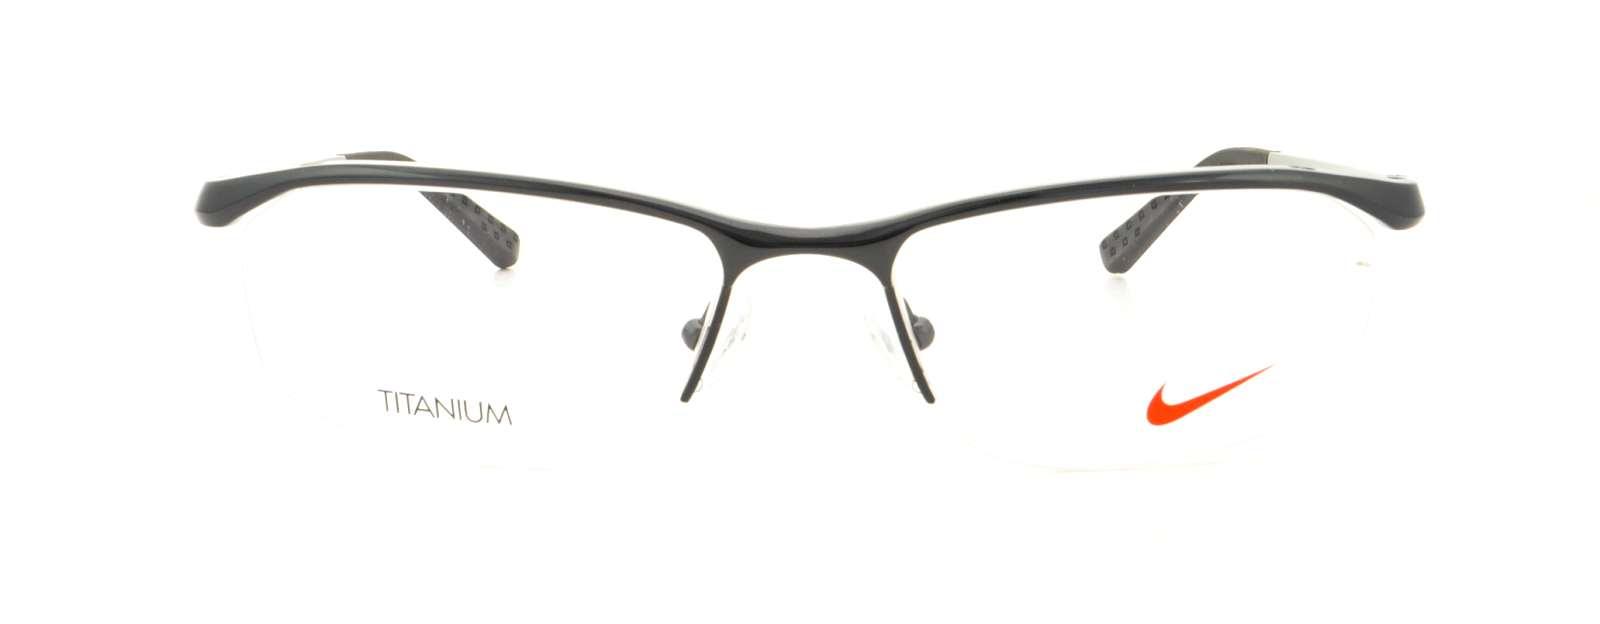 6a99fec622 Designer Frames Outlet. Nike 6037